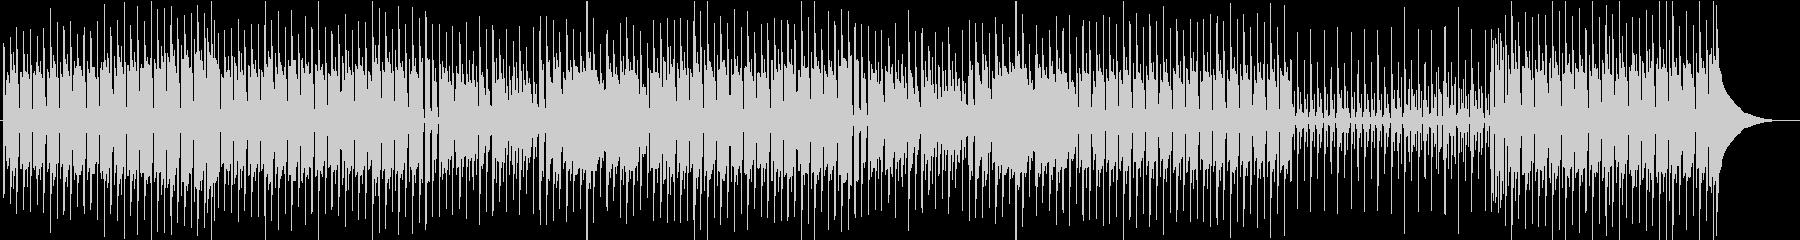 少しコミカルで落ち着いたBGMの未再生の波形